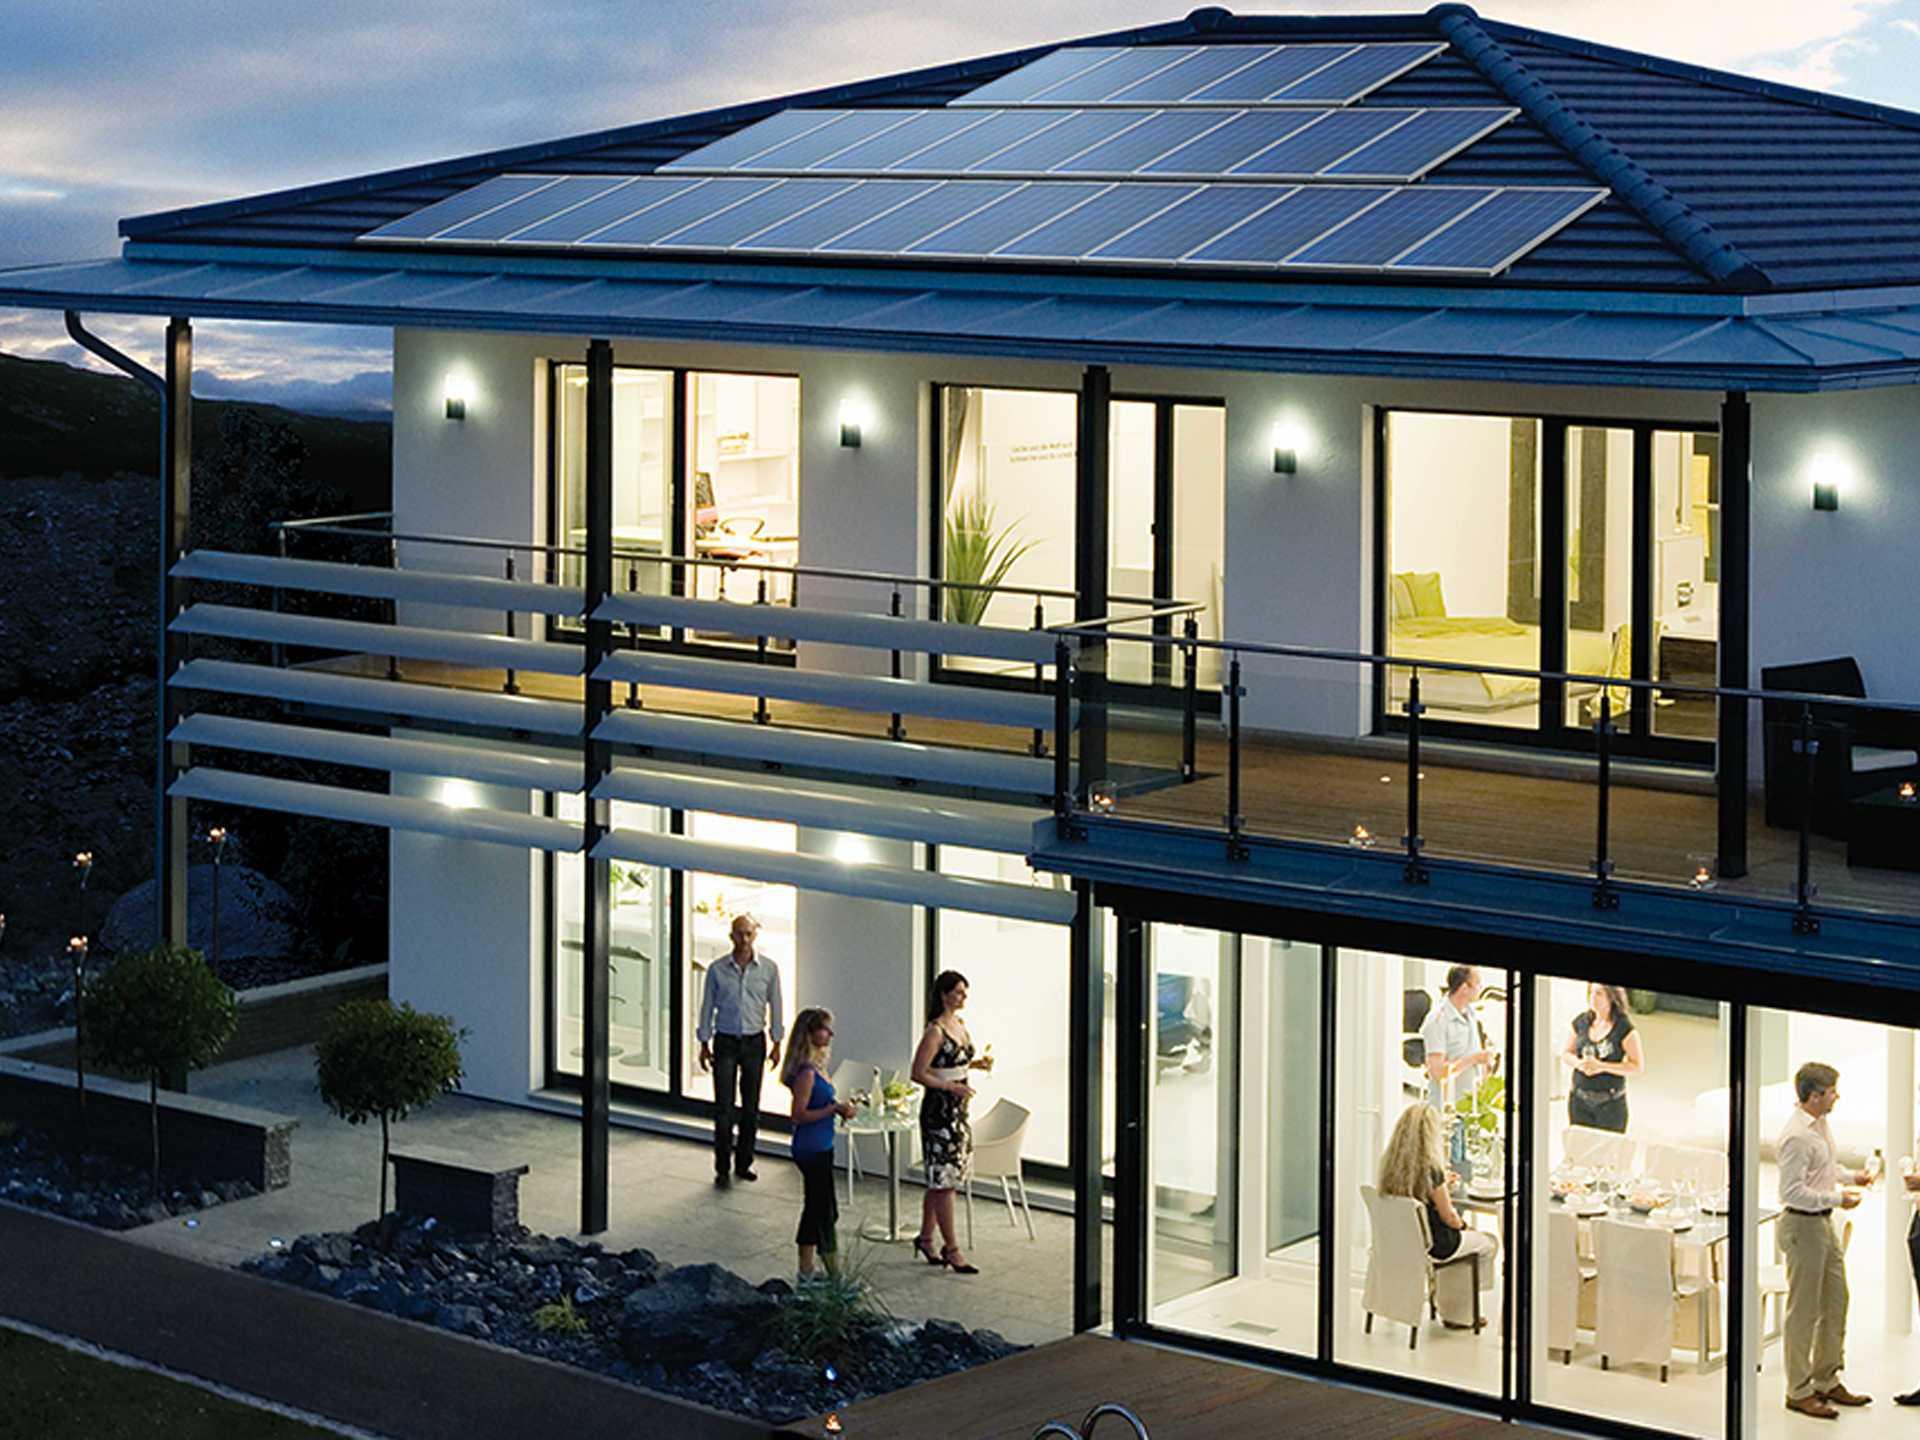 KAMPA Modell Zürich, Hausausstellung Fellbach